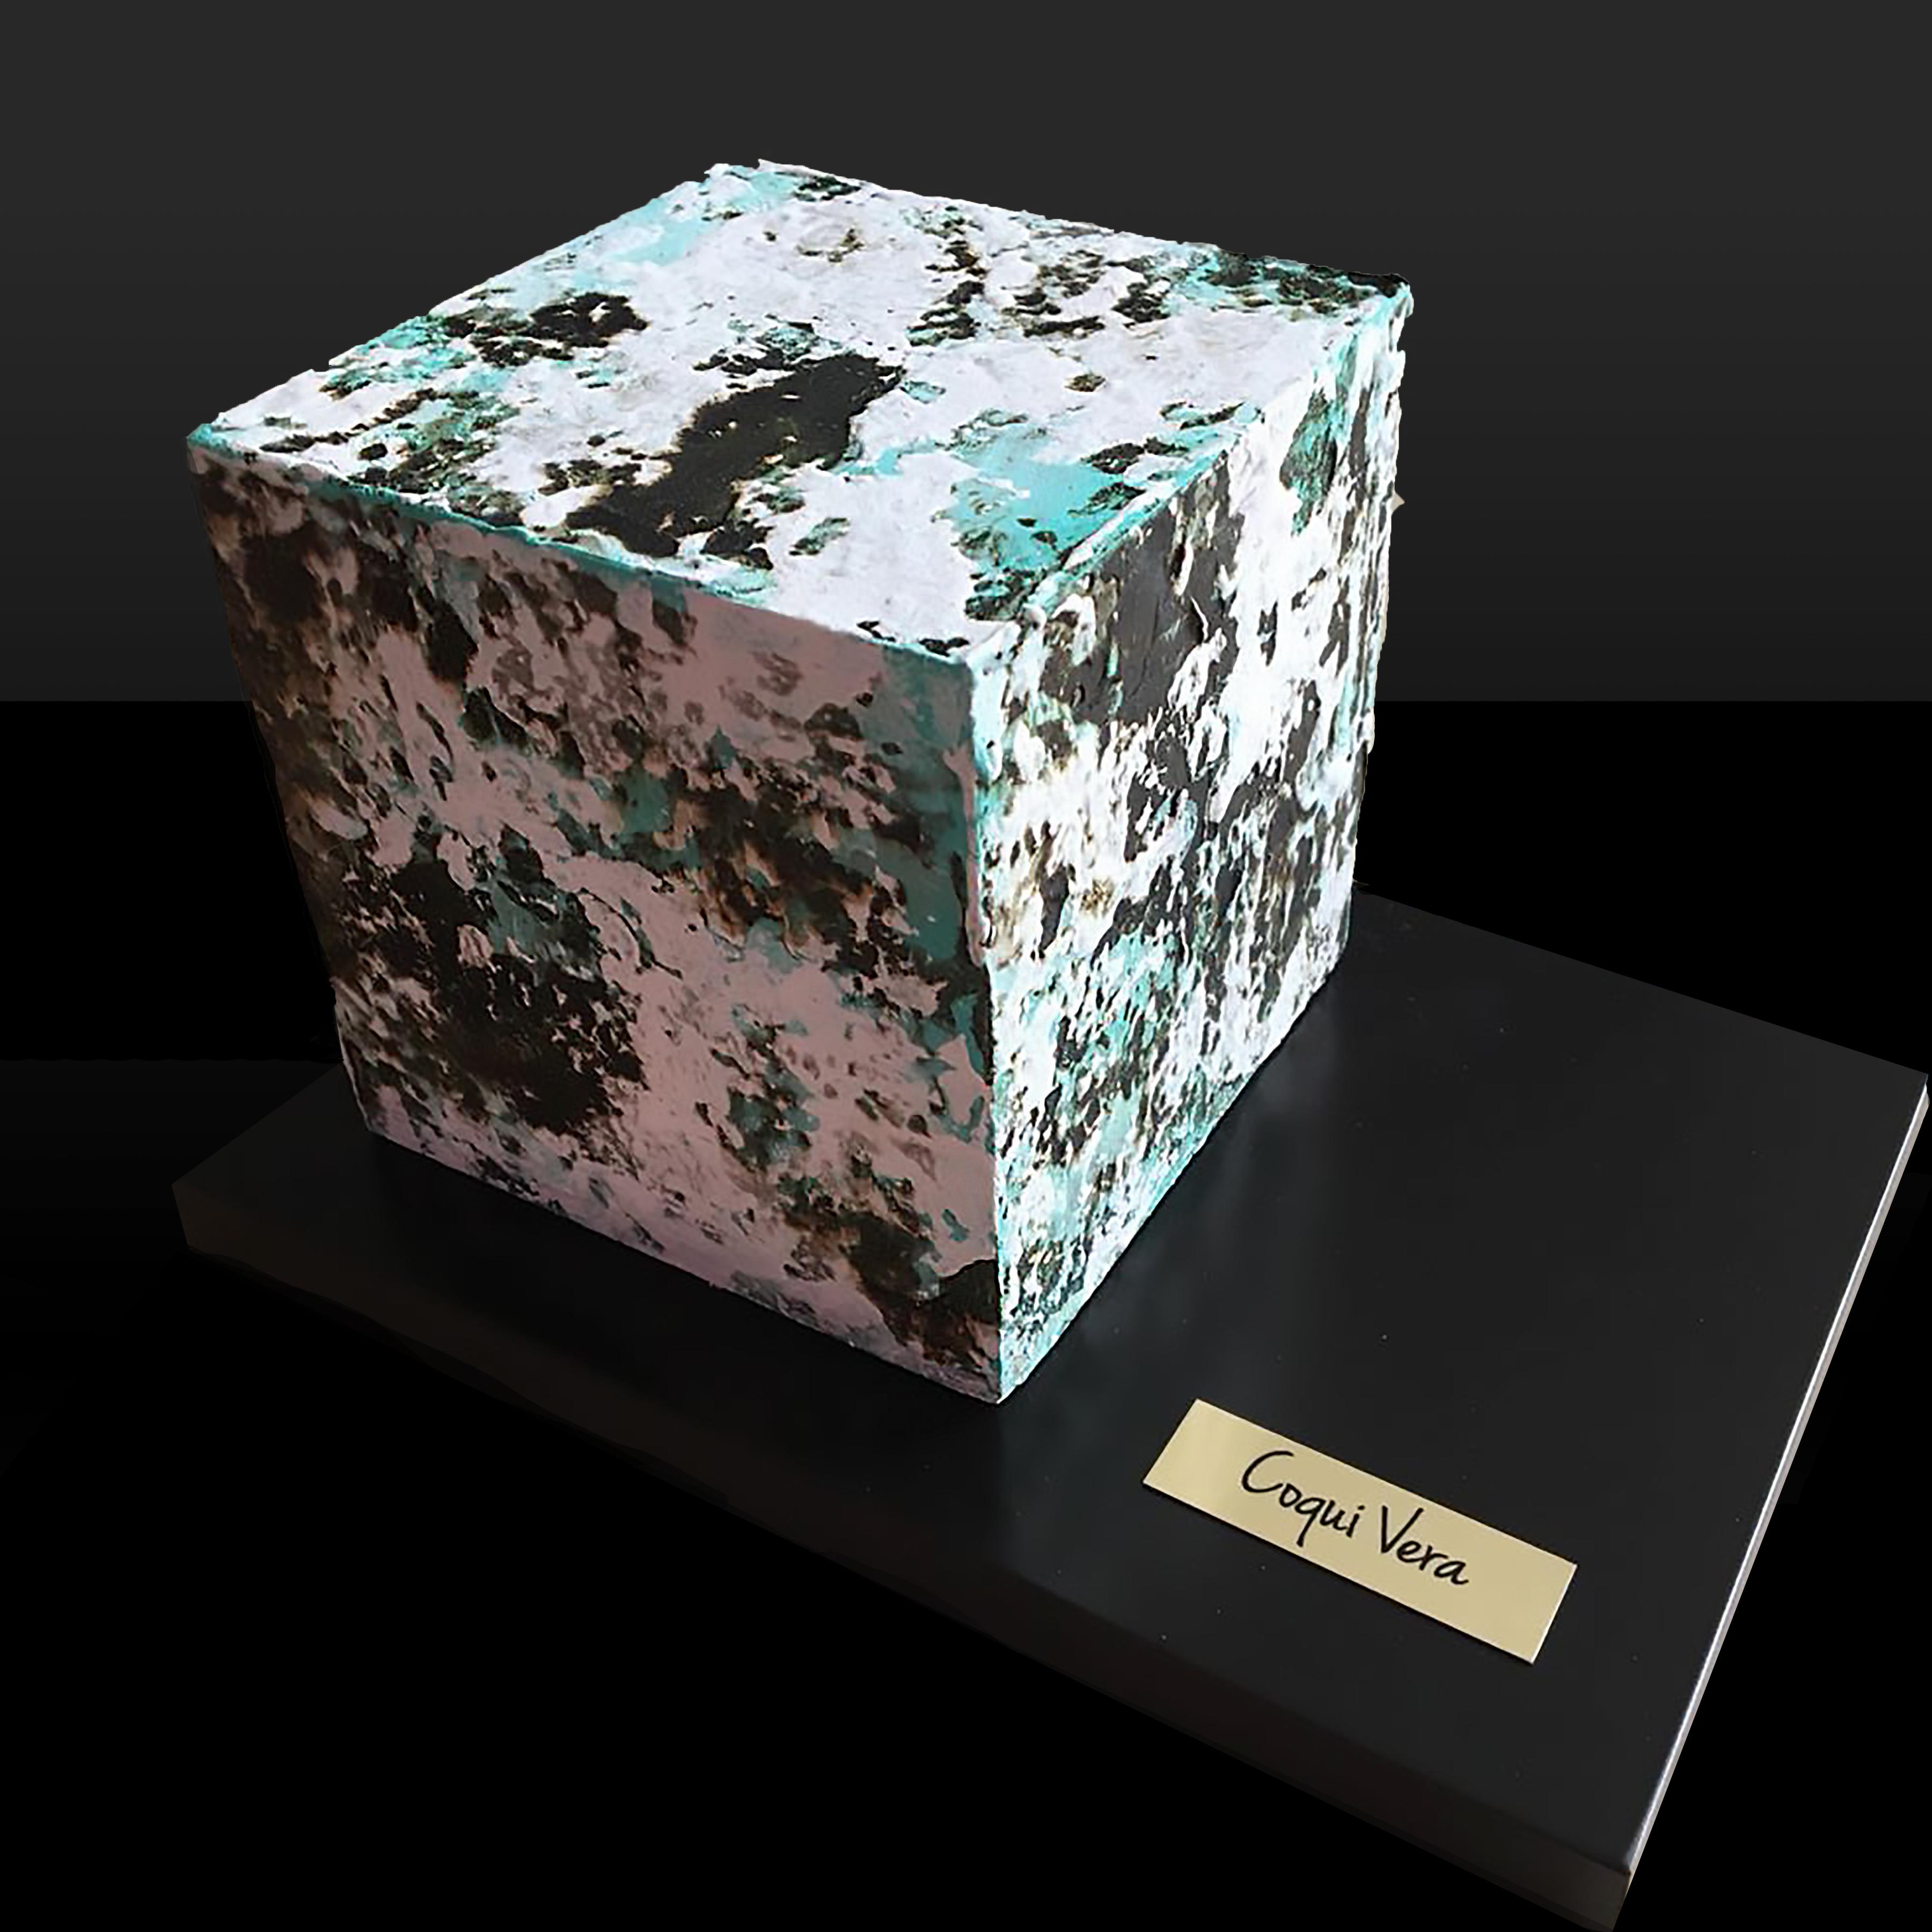 Coqui-Vera-arte-objeto-abstracto-4